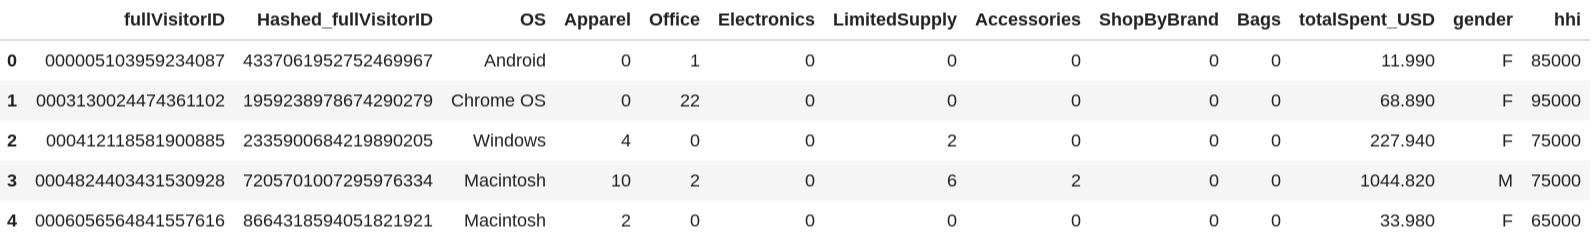 Primeiras cinco linhas de dados mesclados de cliente e transação.